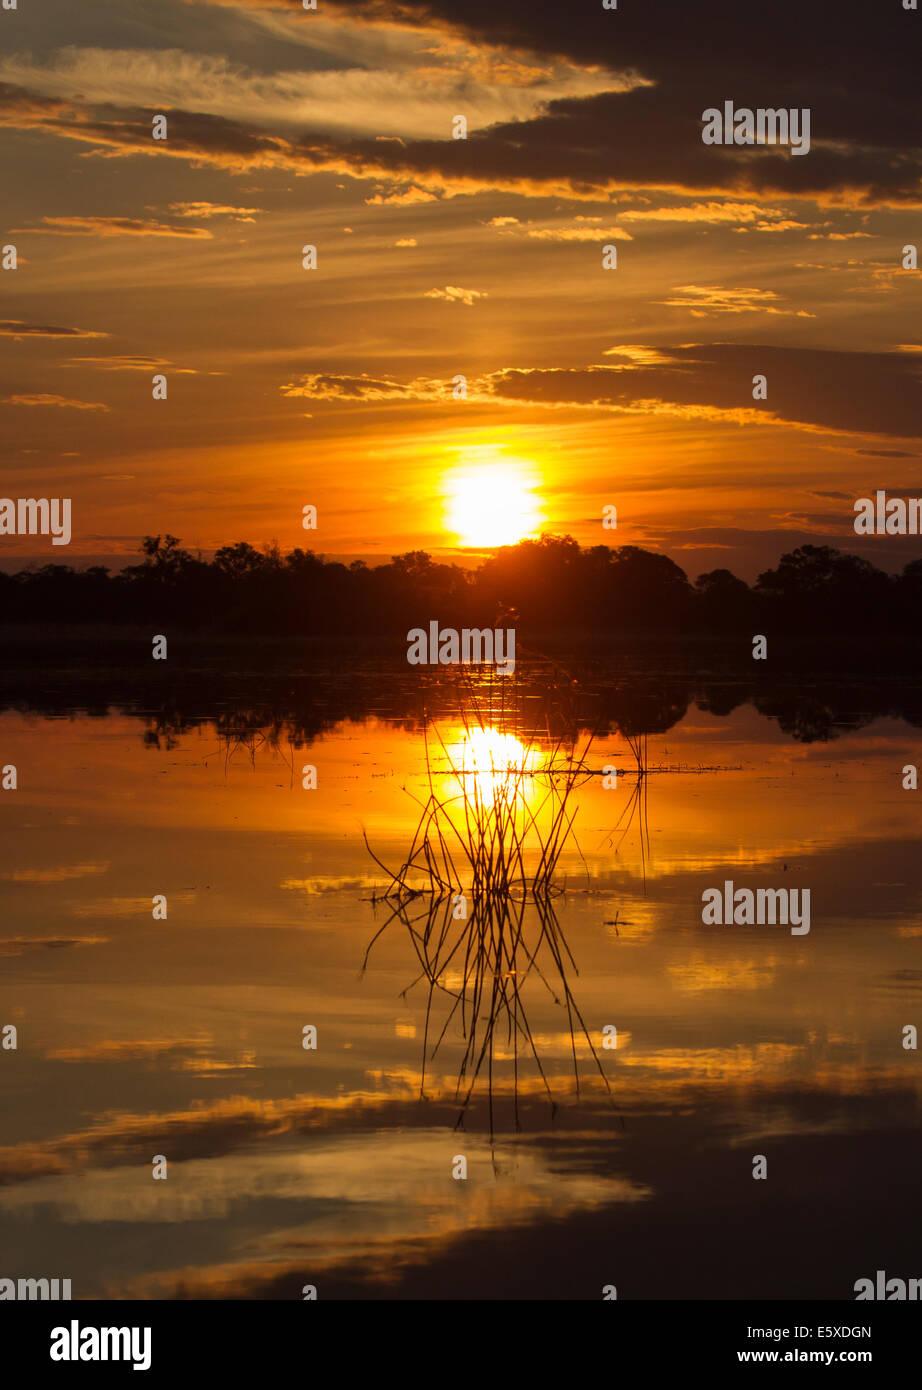 Okavango delta sunset - Stock Image